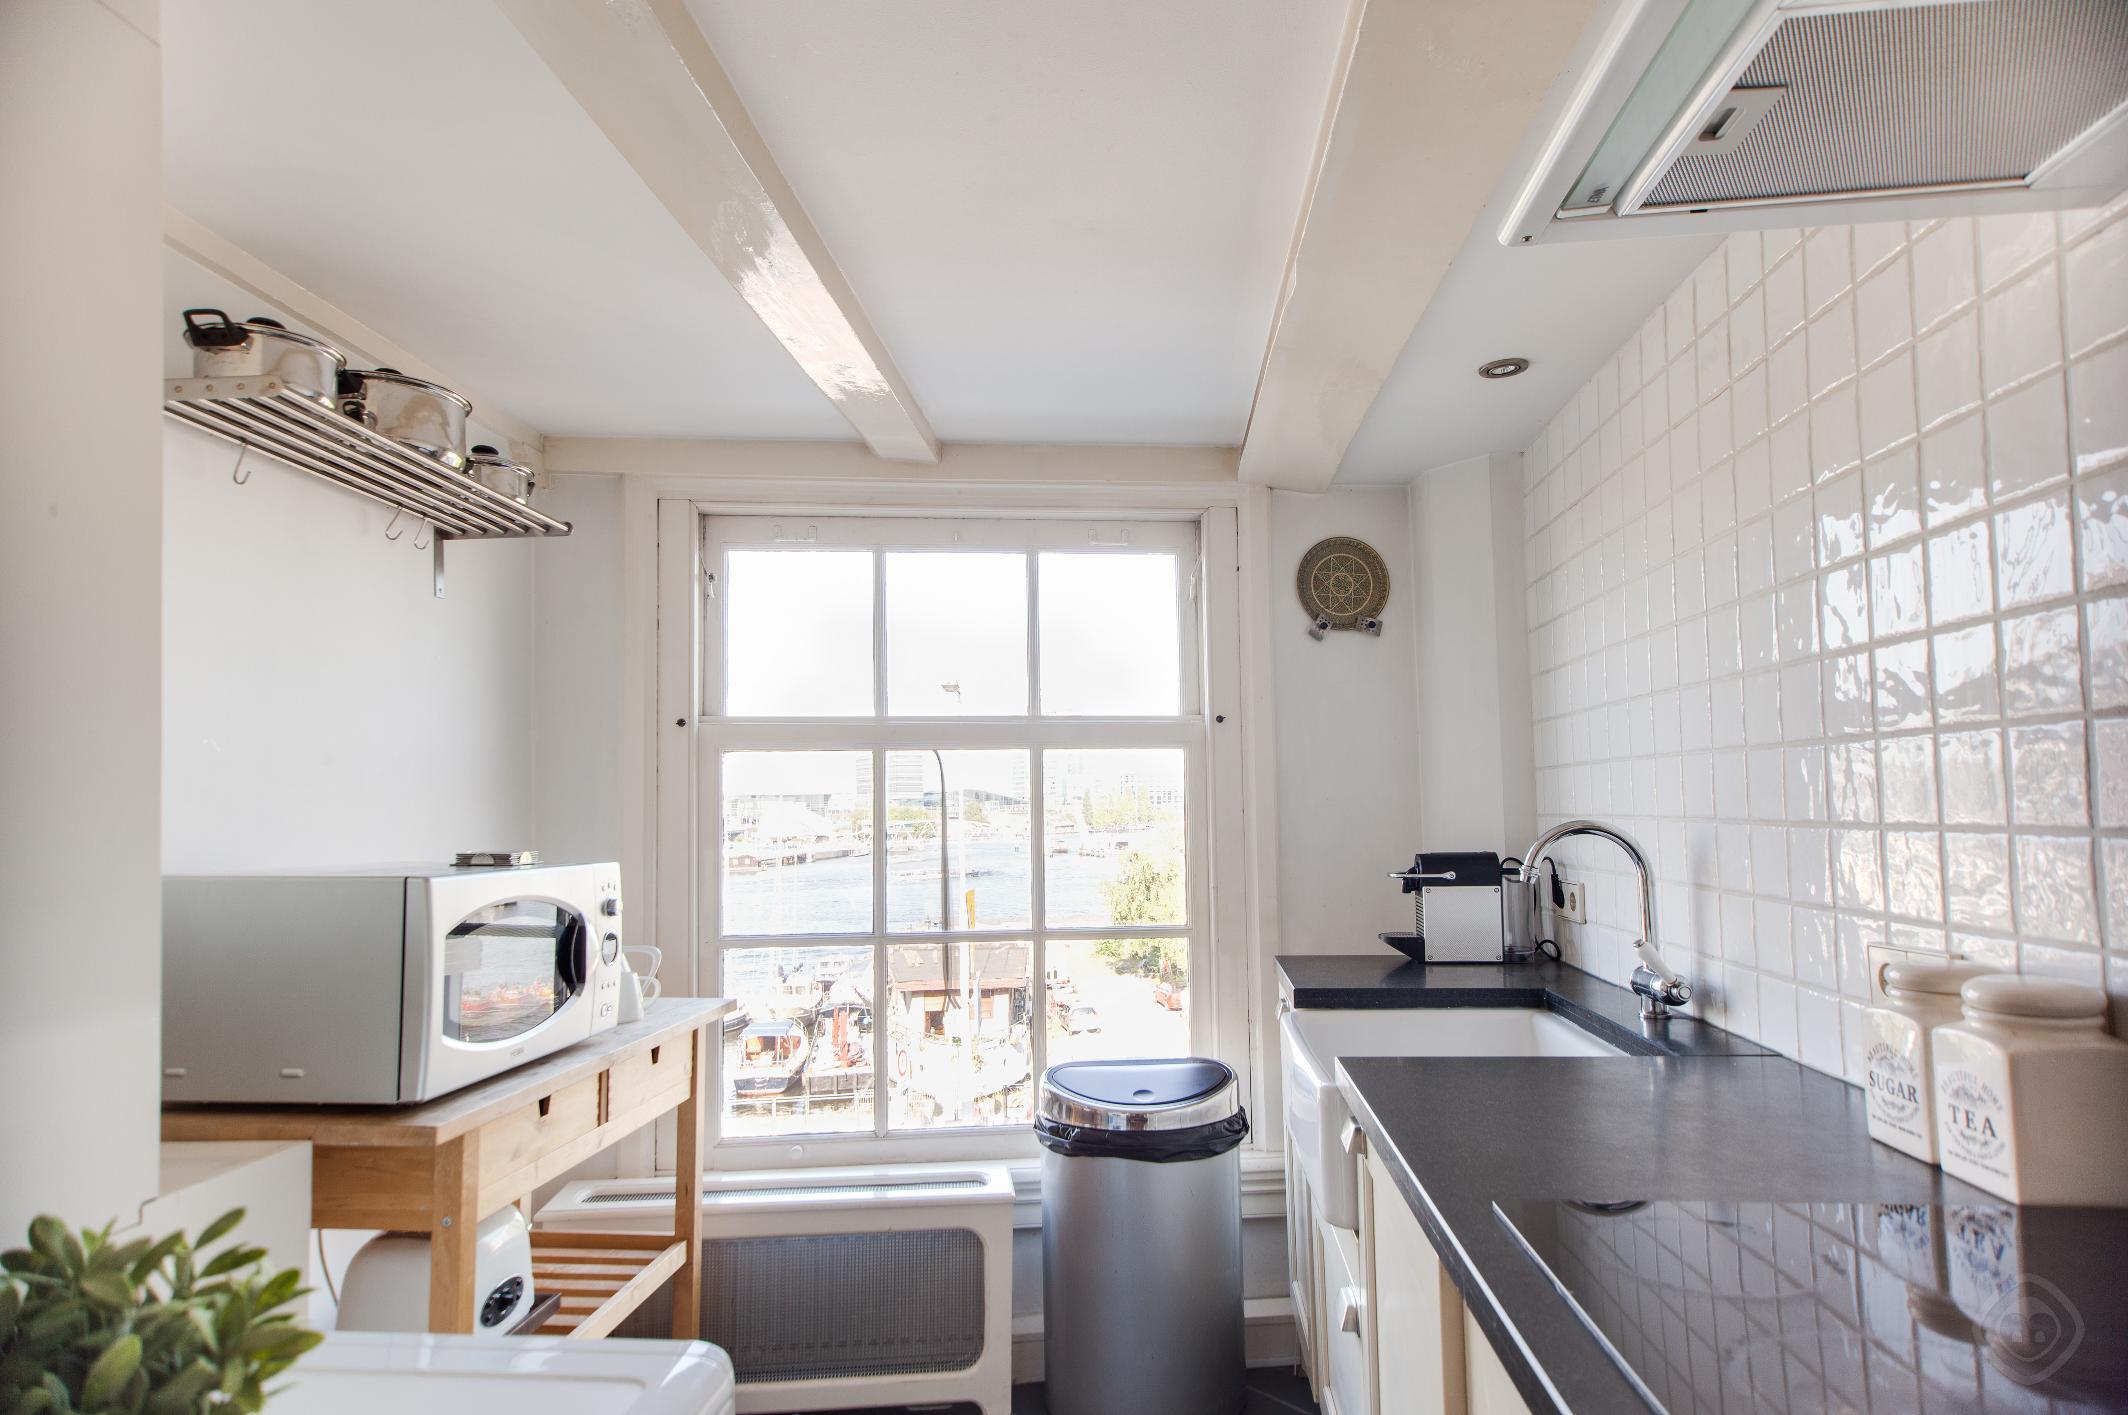 Marineview apartment Amsterdam photo 31816792